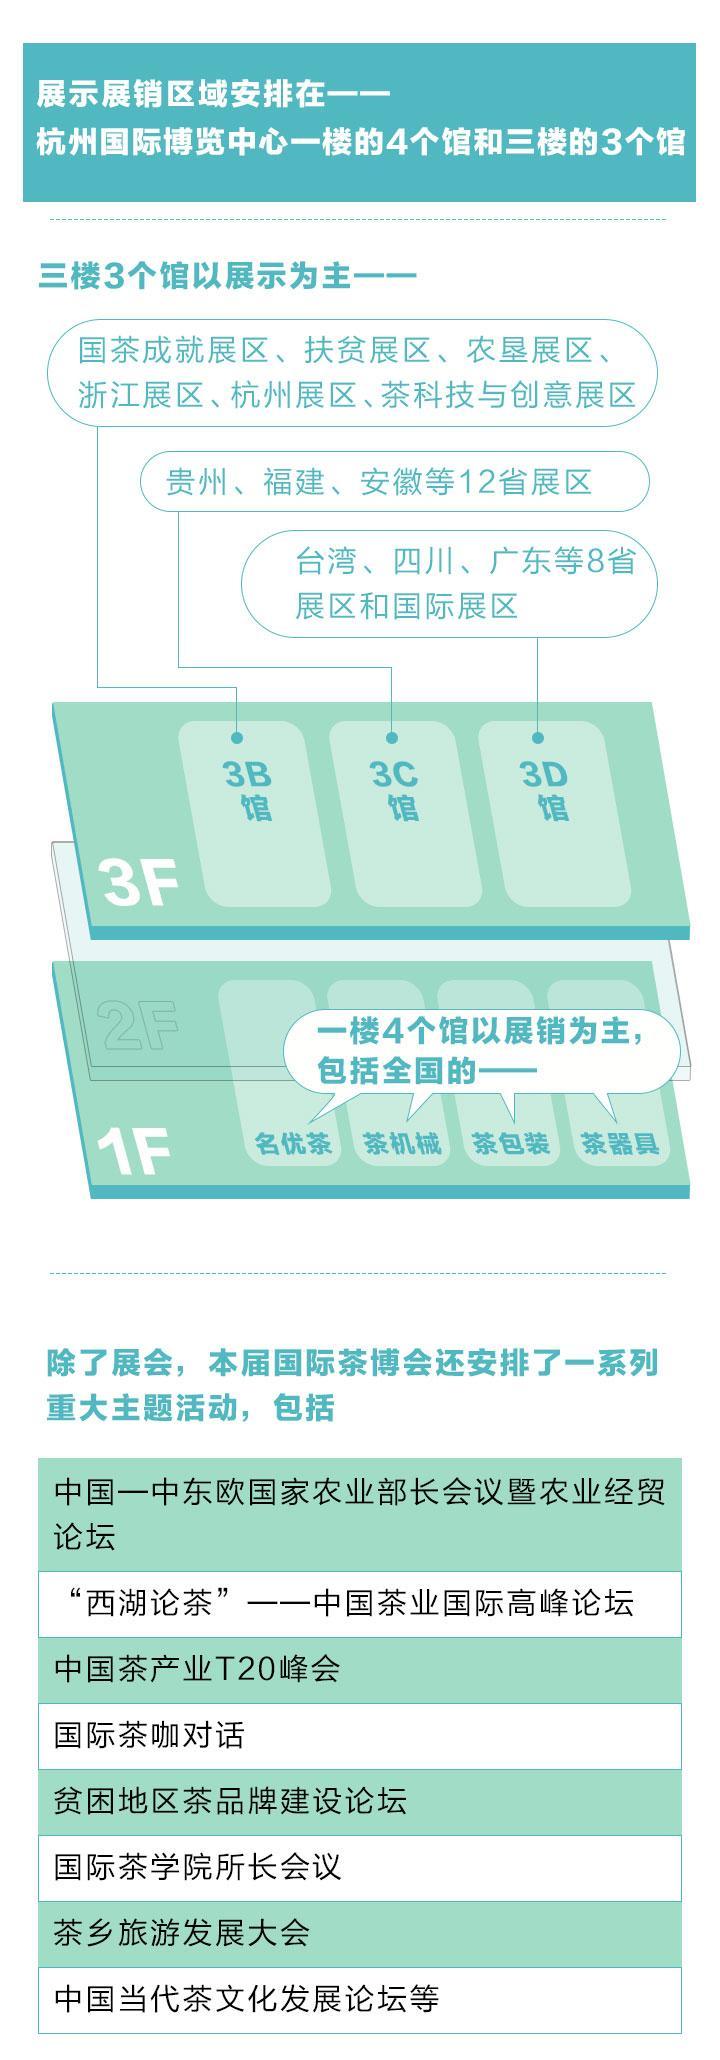 第三届茶博会_06.jpg